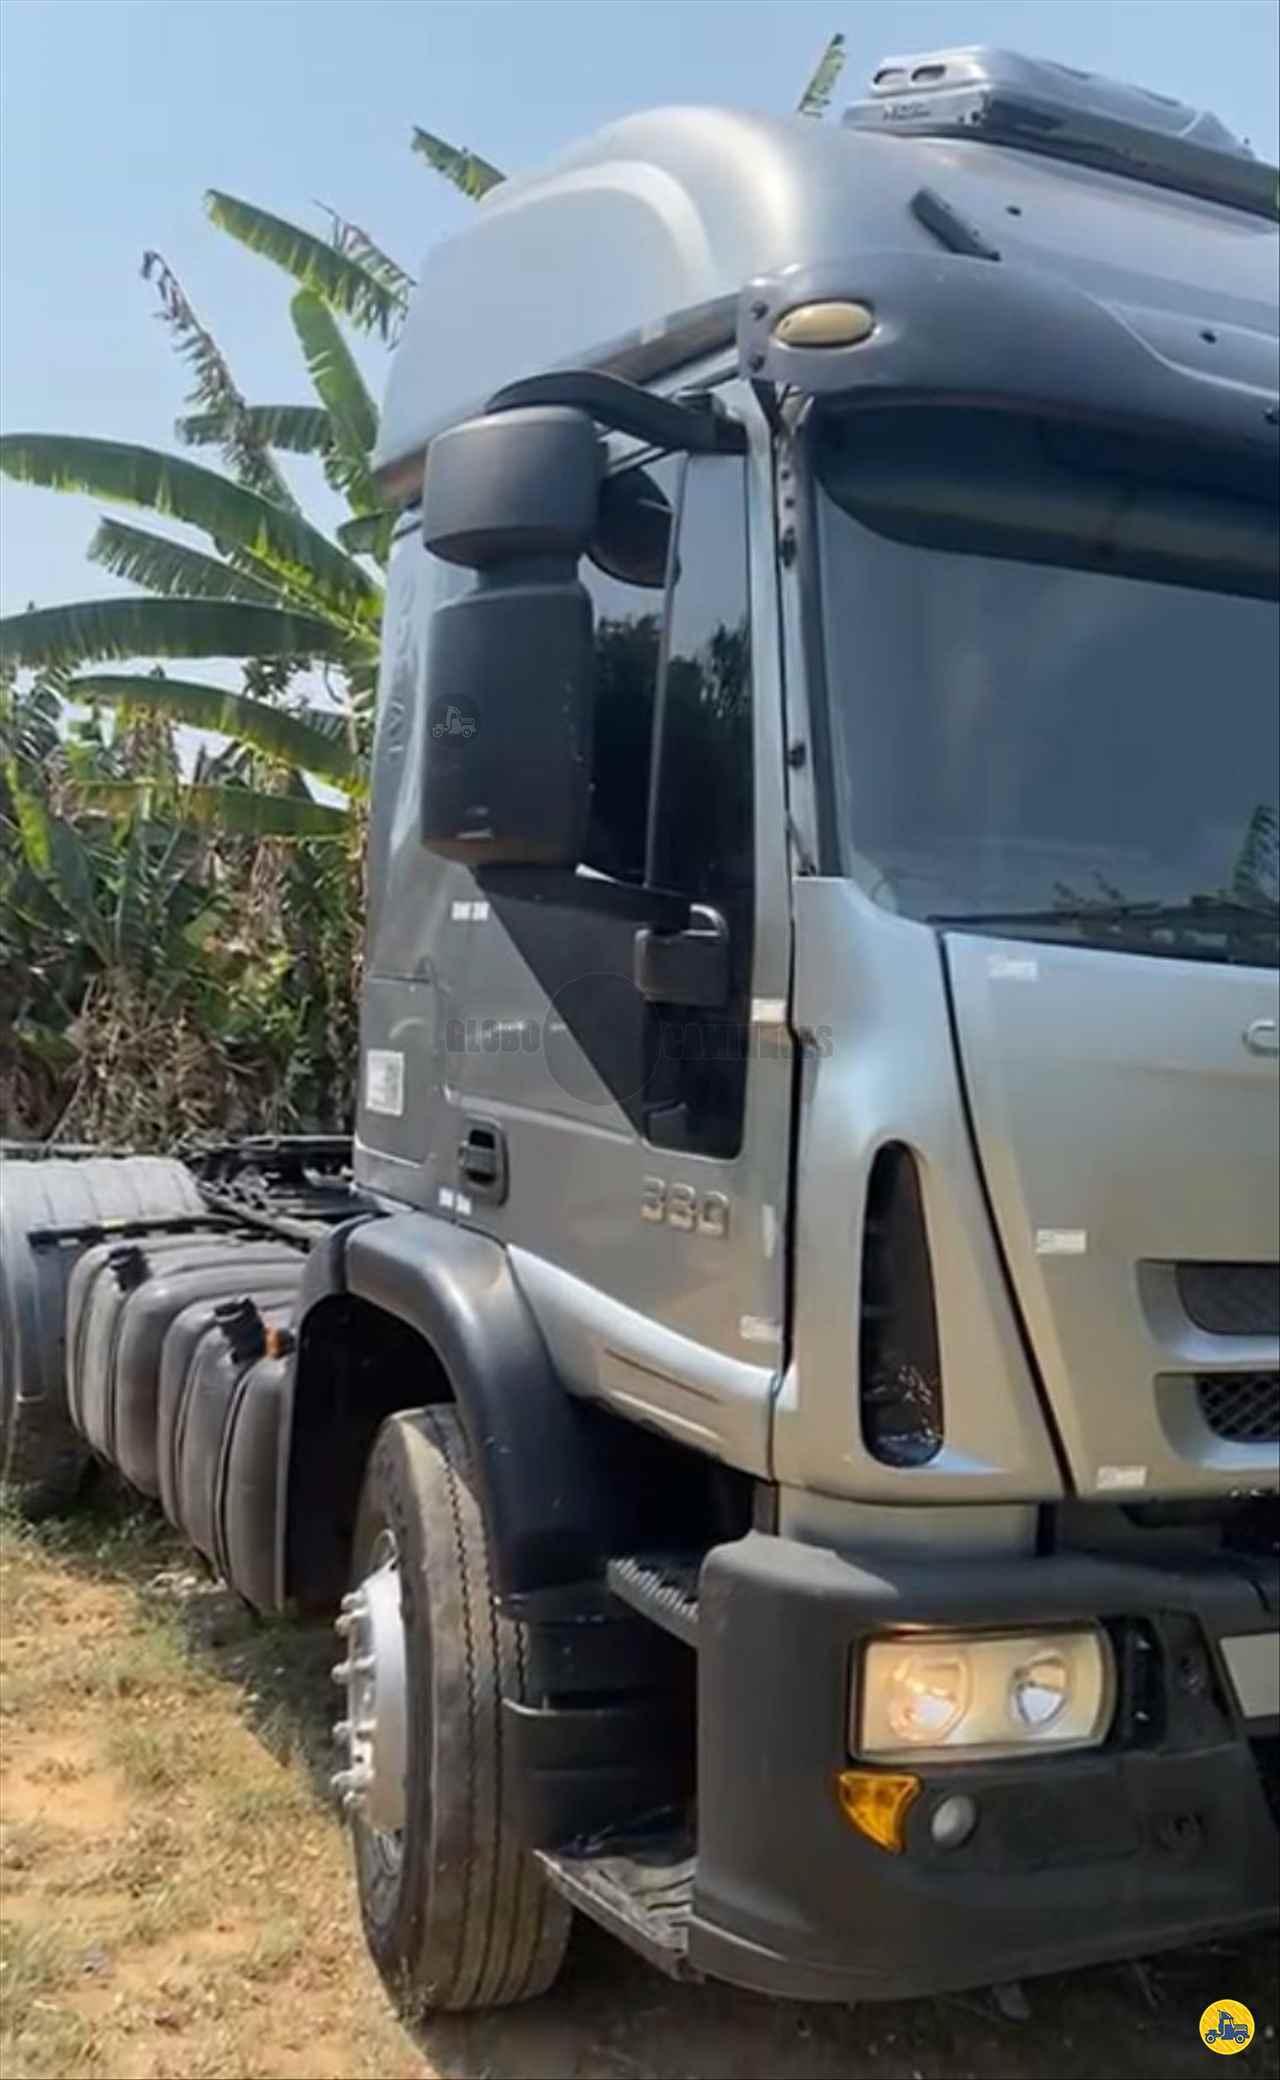 CAMINHAO IVECO CURSOR 450E33 Cavalo Mecânico Toco 4x2 Globo Caminhões Helio Maringá MARINGA PARANÁ PR